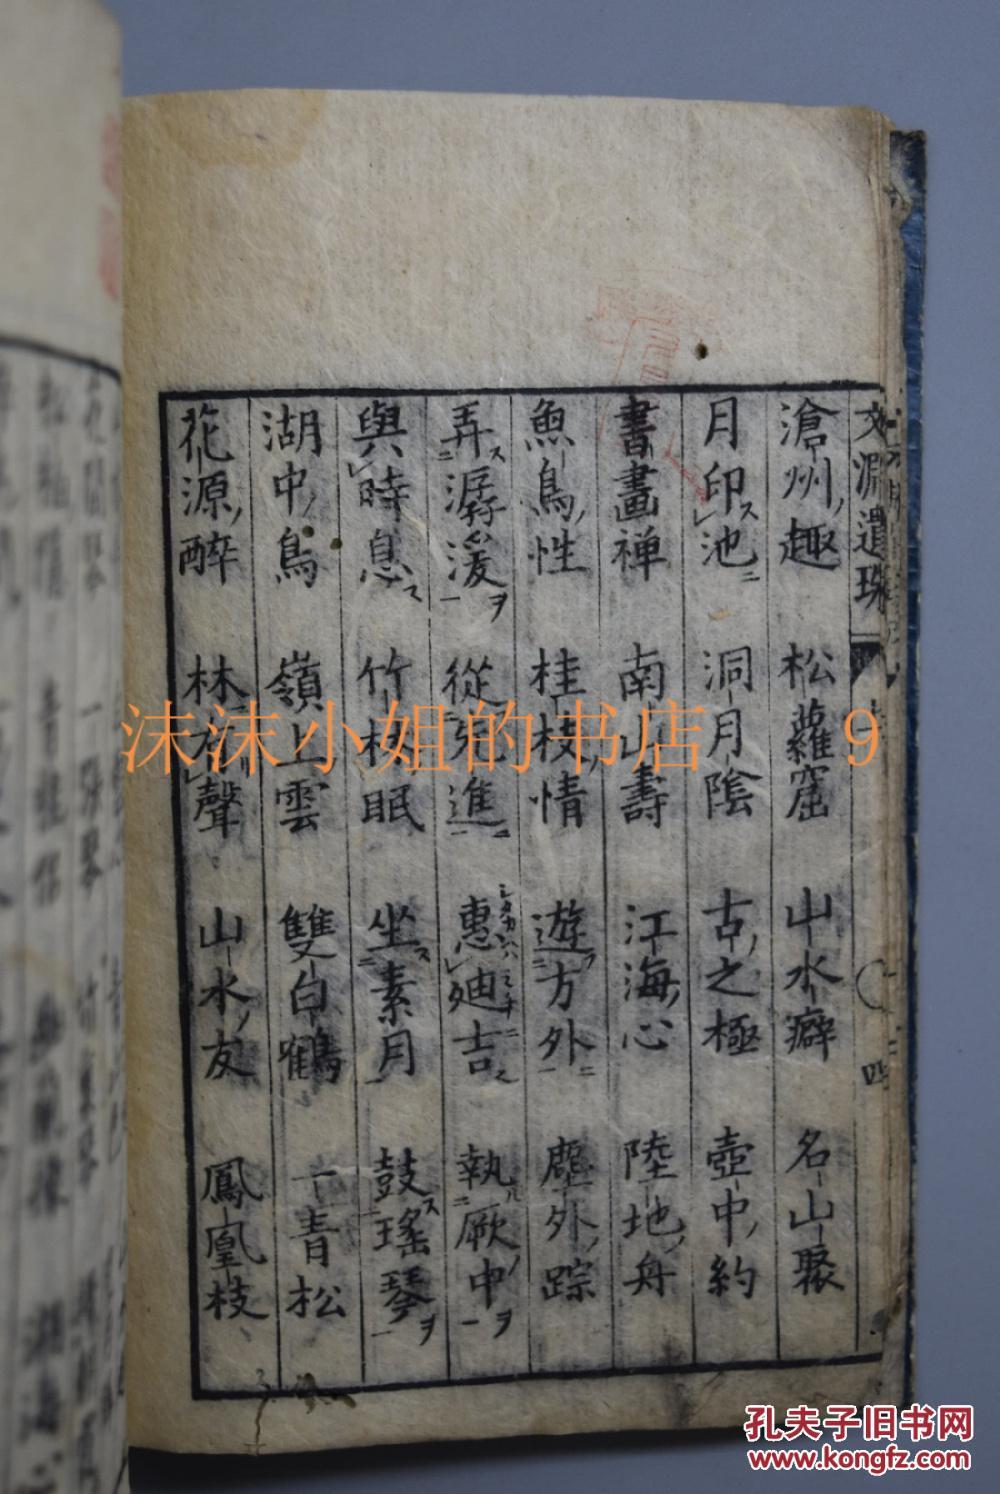 《文渊遗株》线装一册全 和刻本 全书分为二字词语 三字词语 四字词语图片